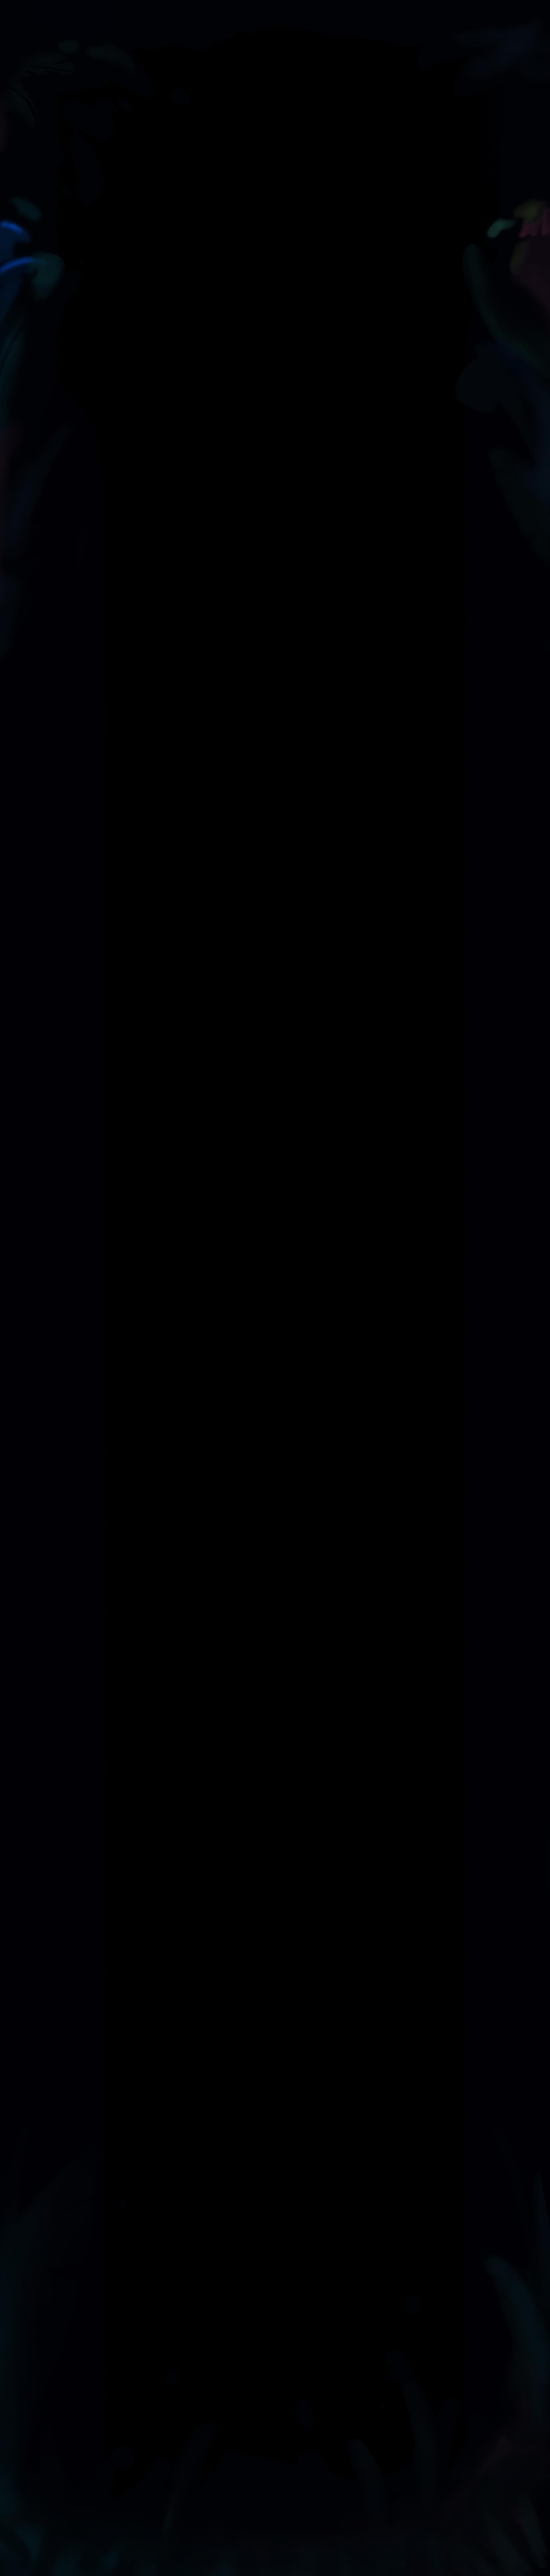 前景阴影.png